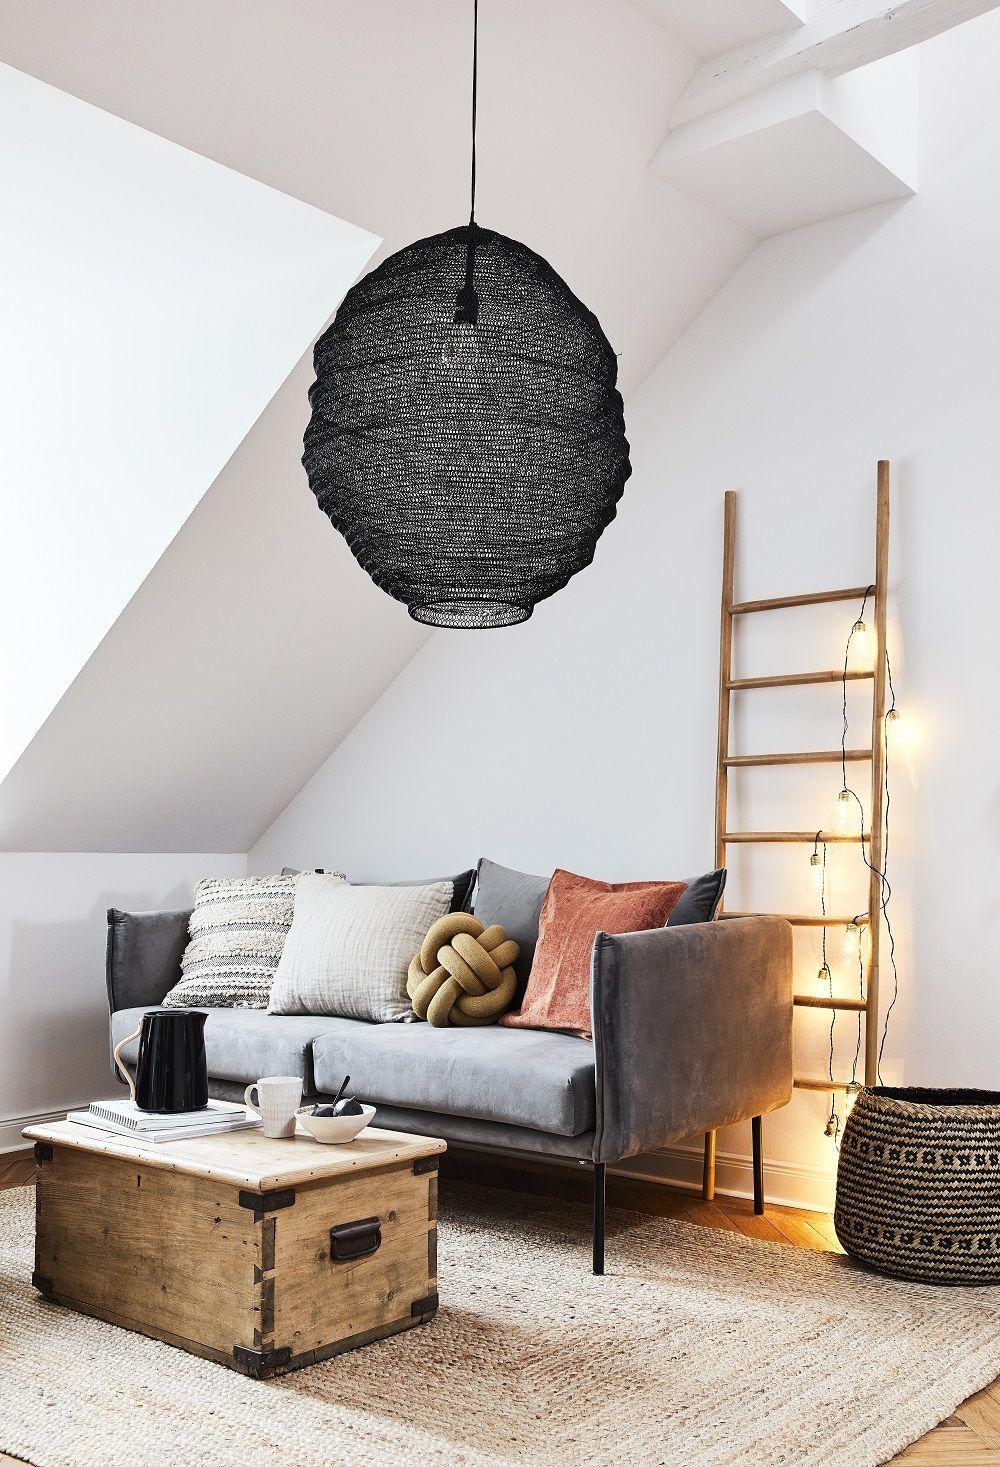 Arredare piccoli spazi | Westwing | Arredamento, Design ...